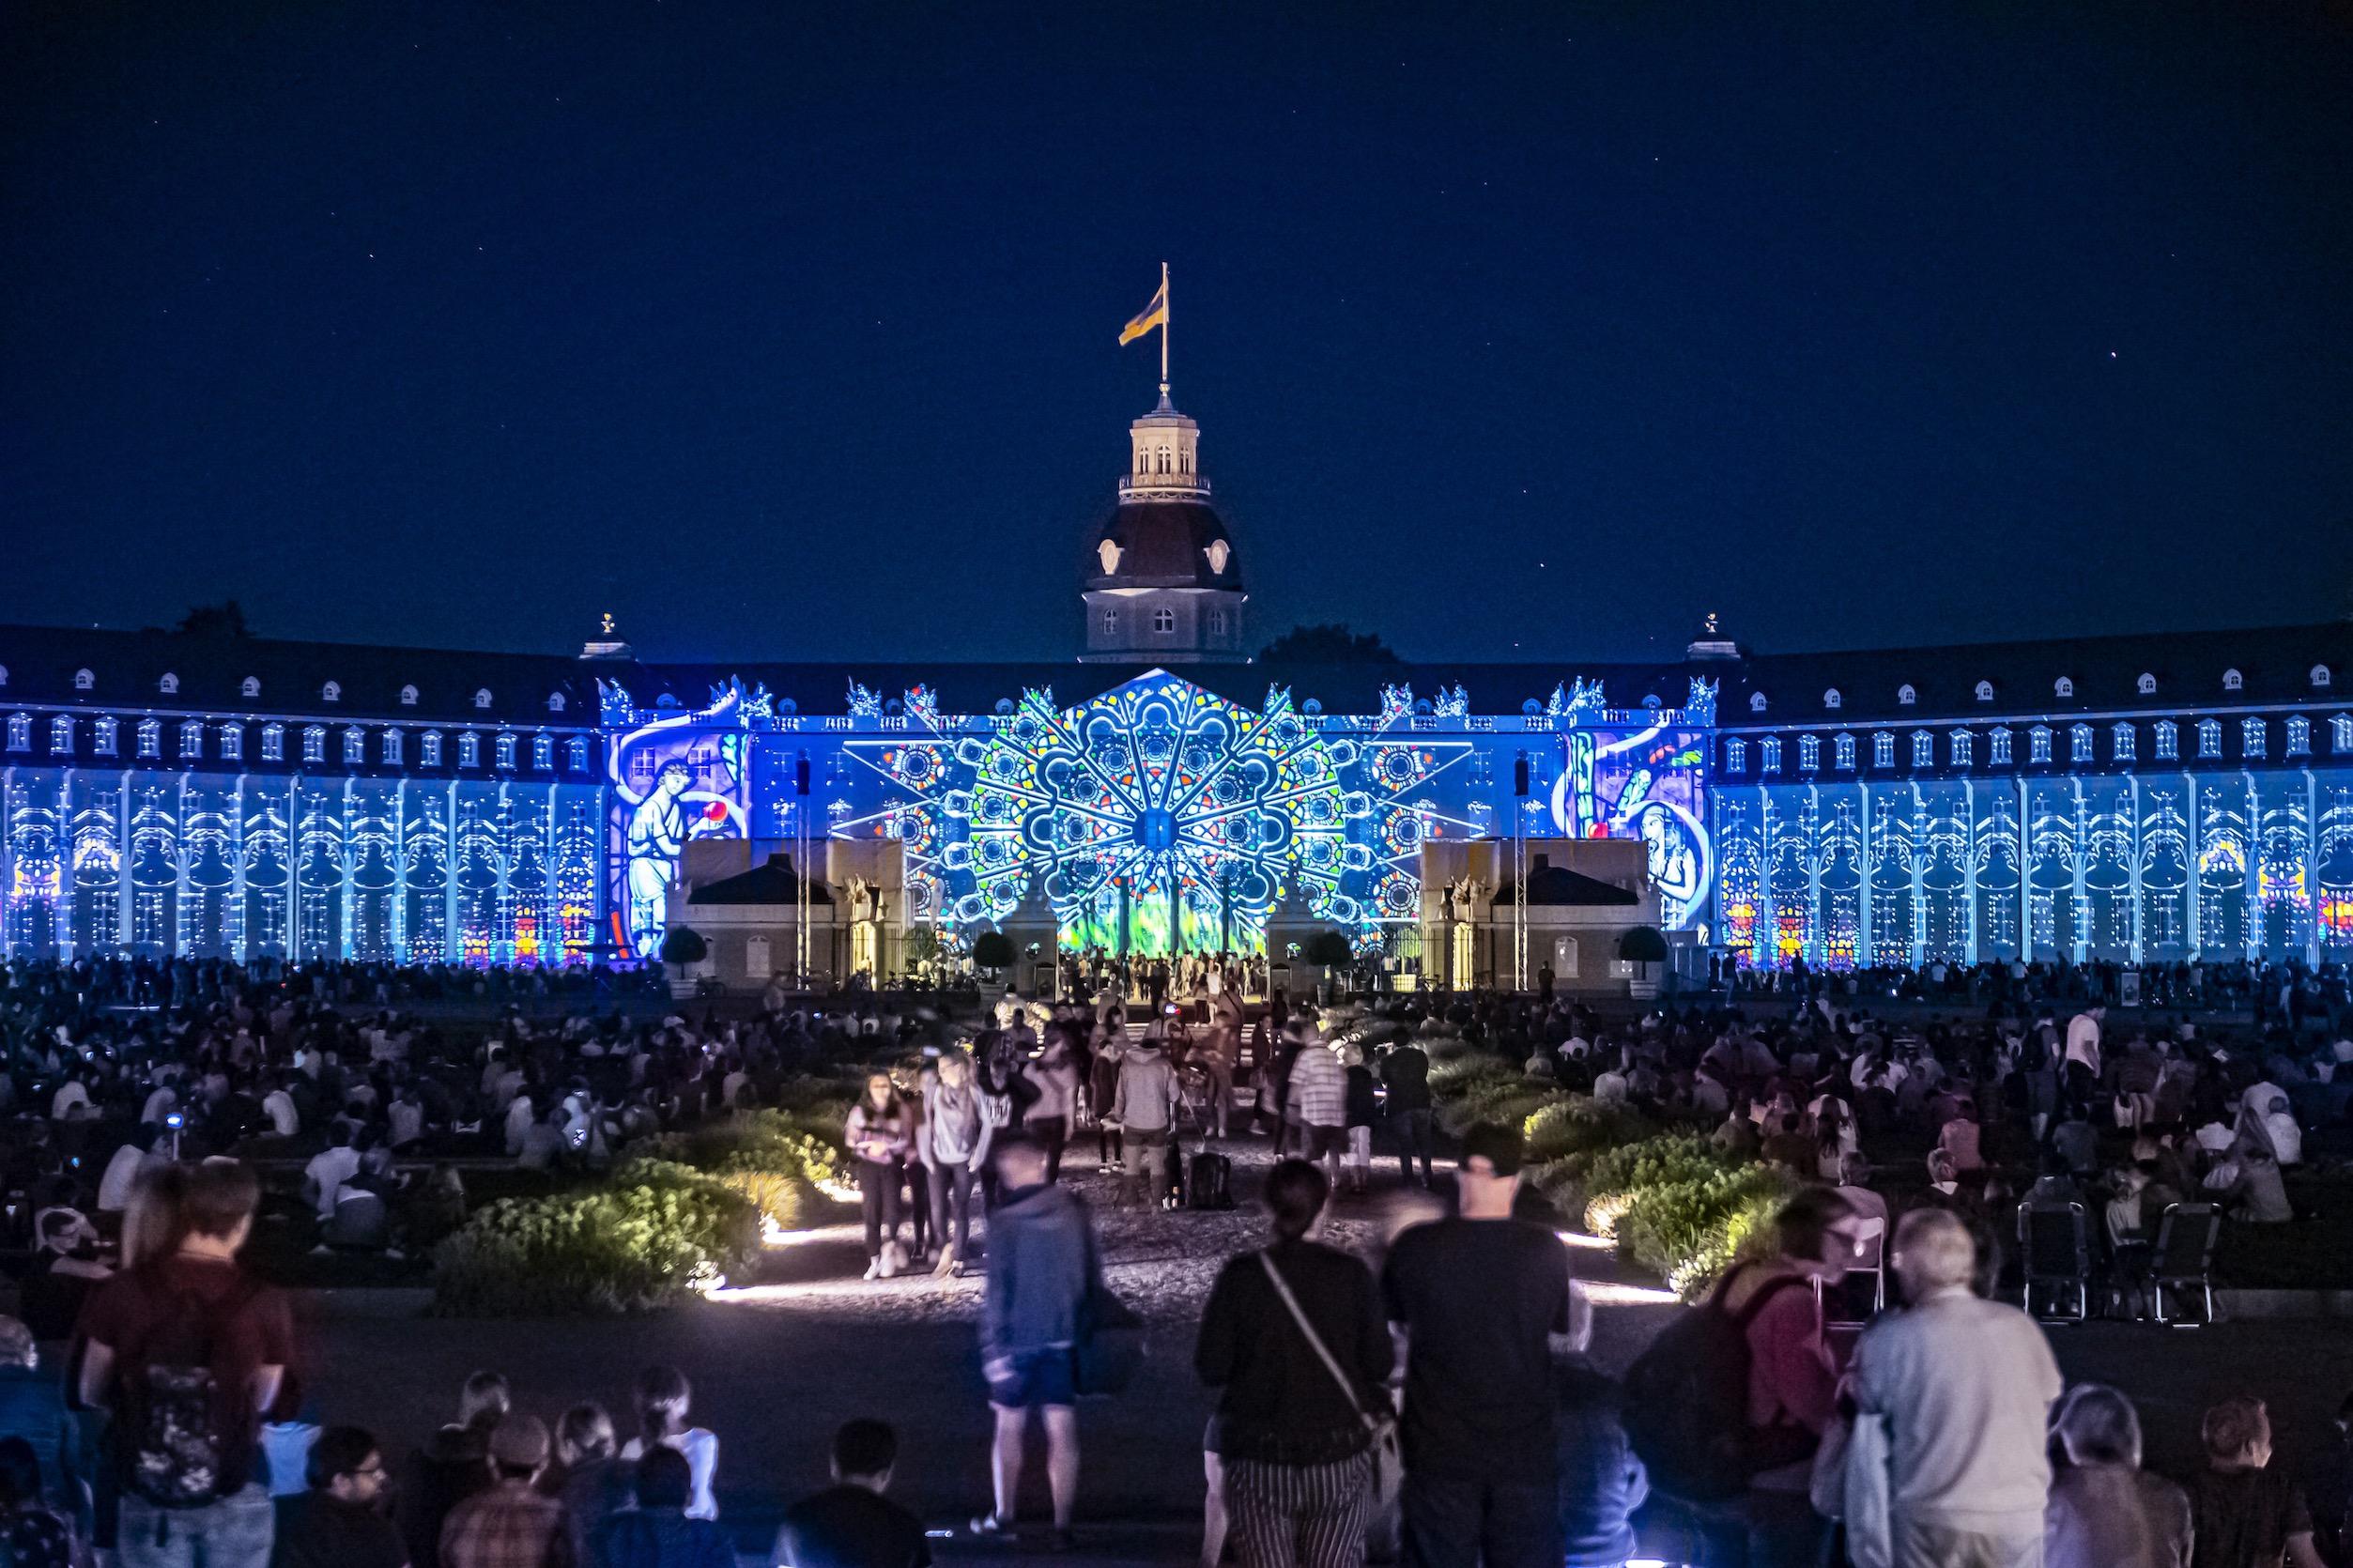 Schlosslichtspiele